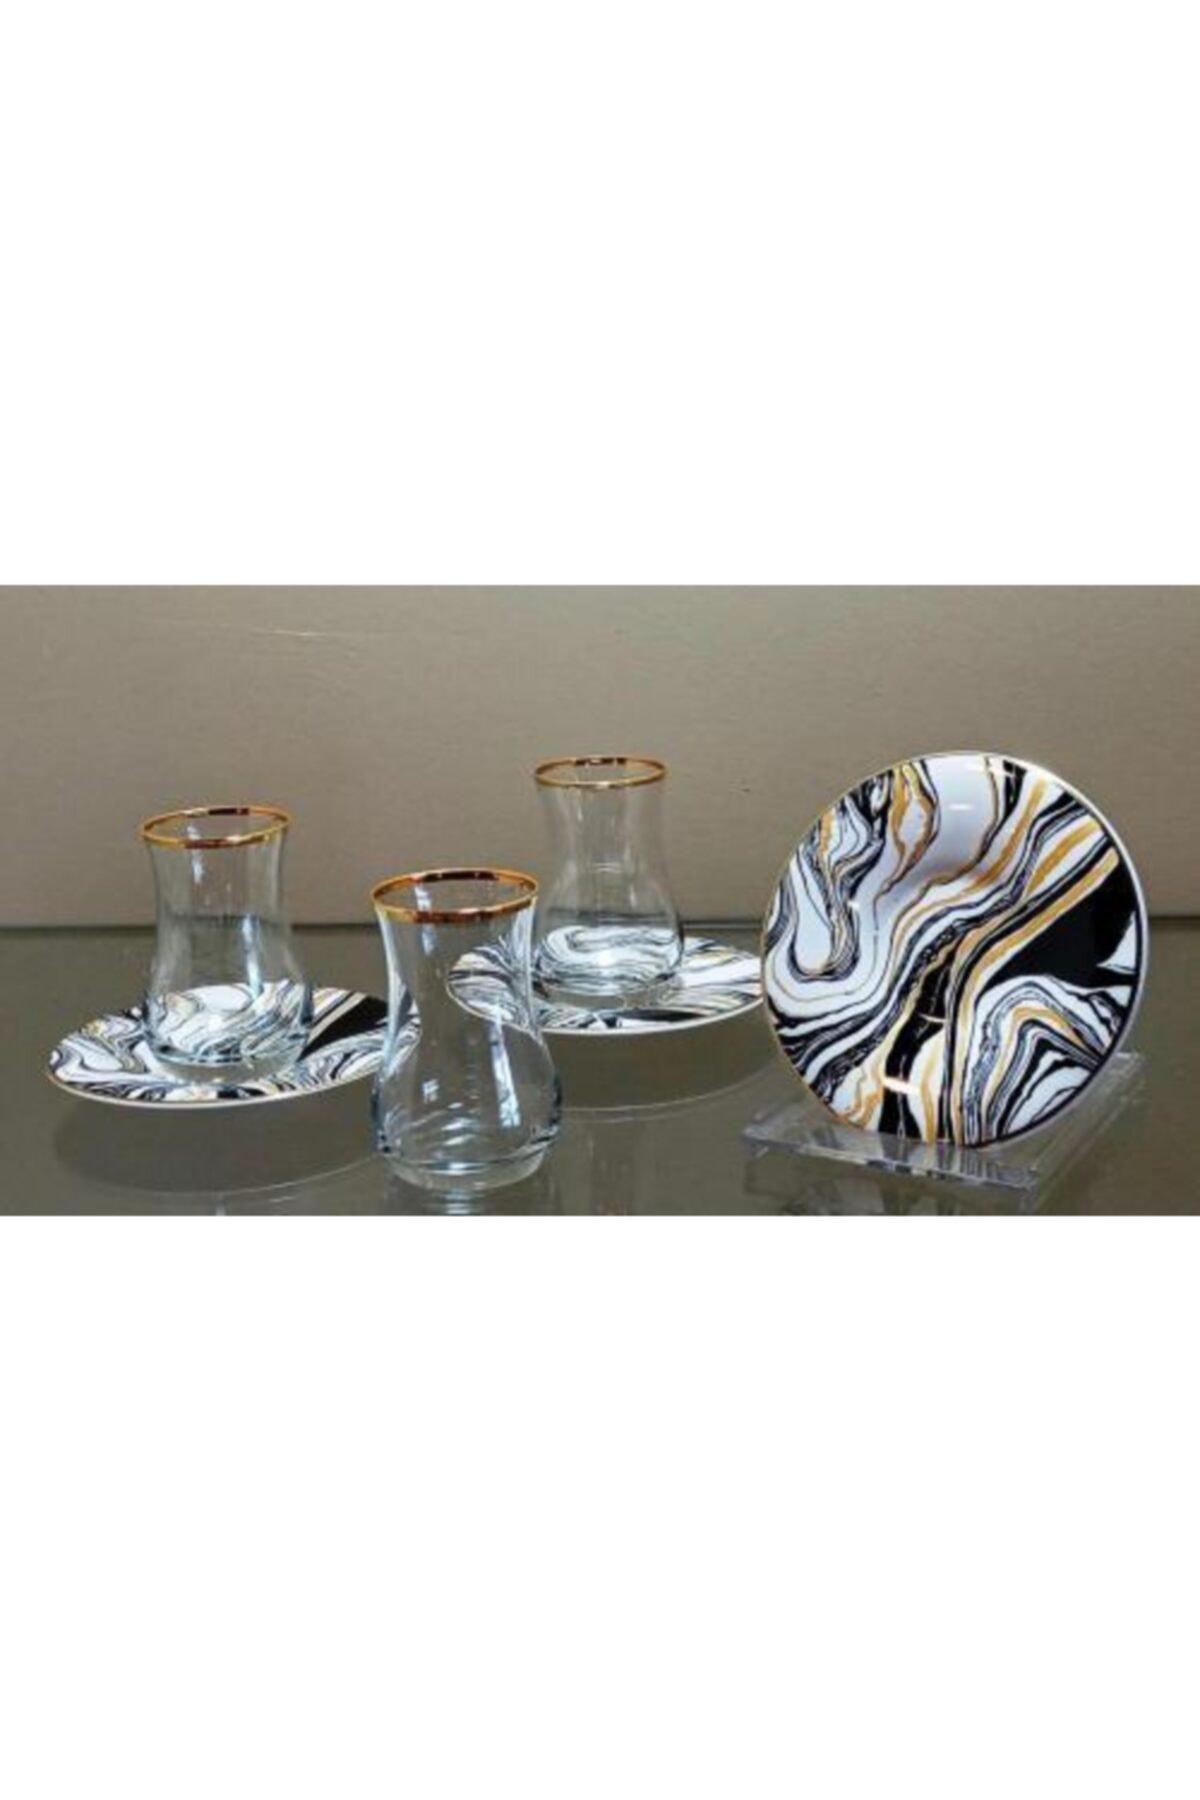 çerçi Homechic Carat Çay Seti 6 Kişilik Marble 2 1